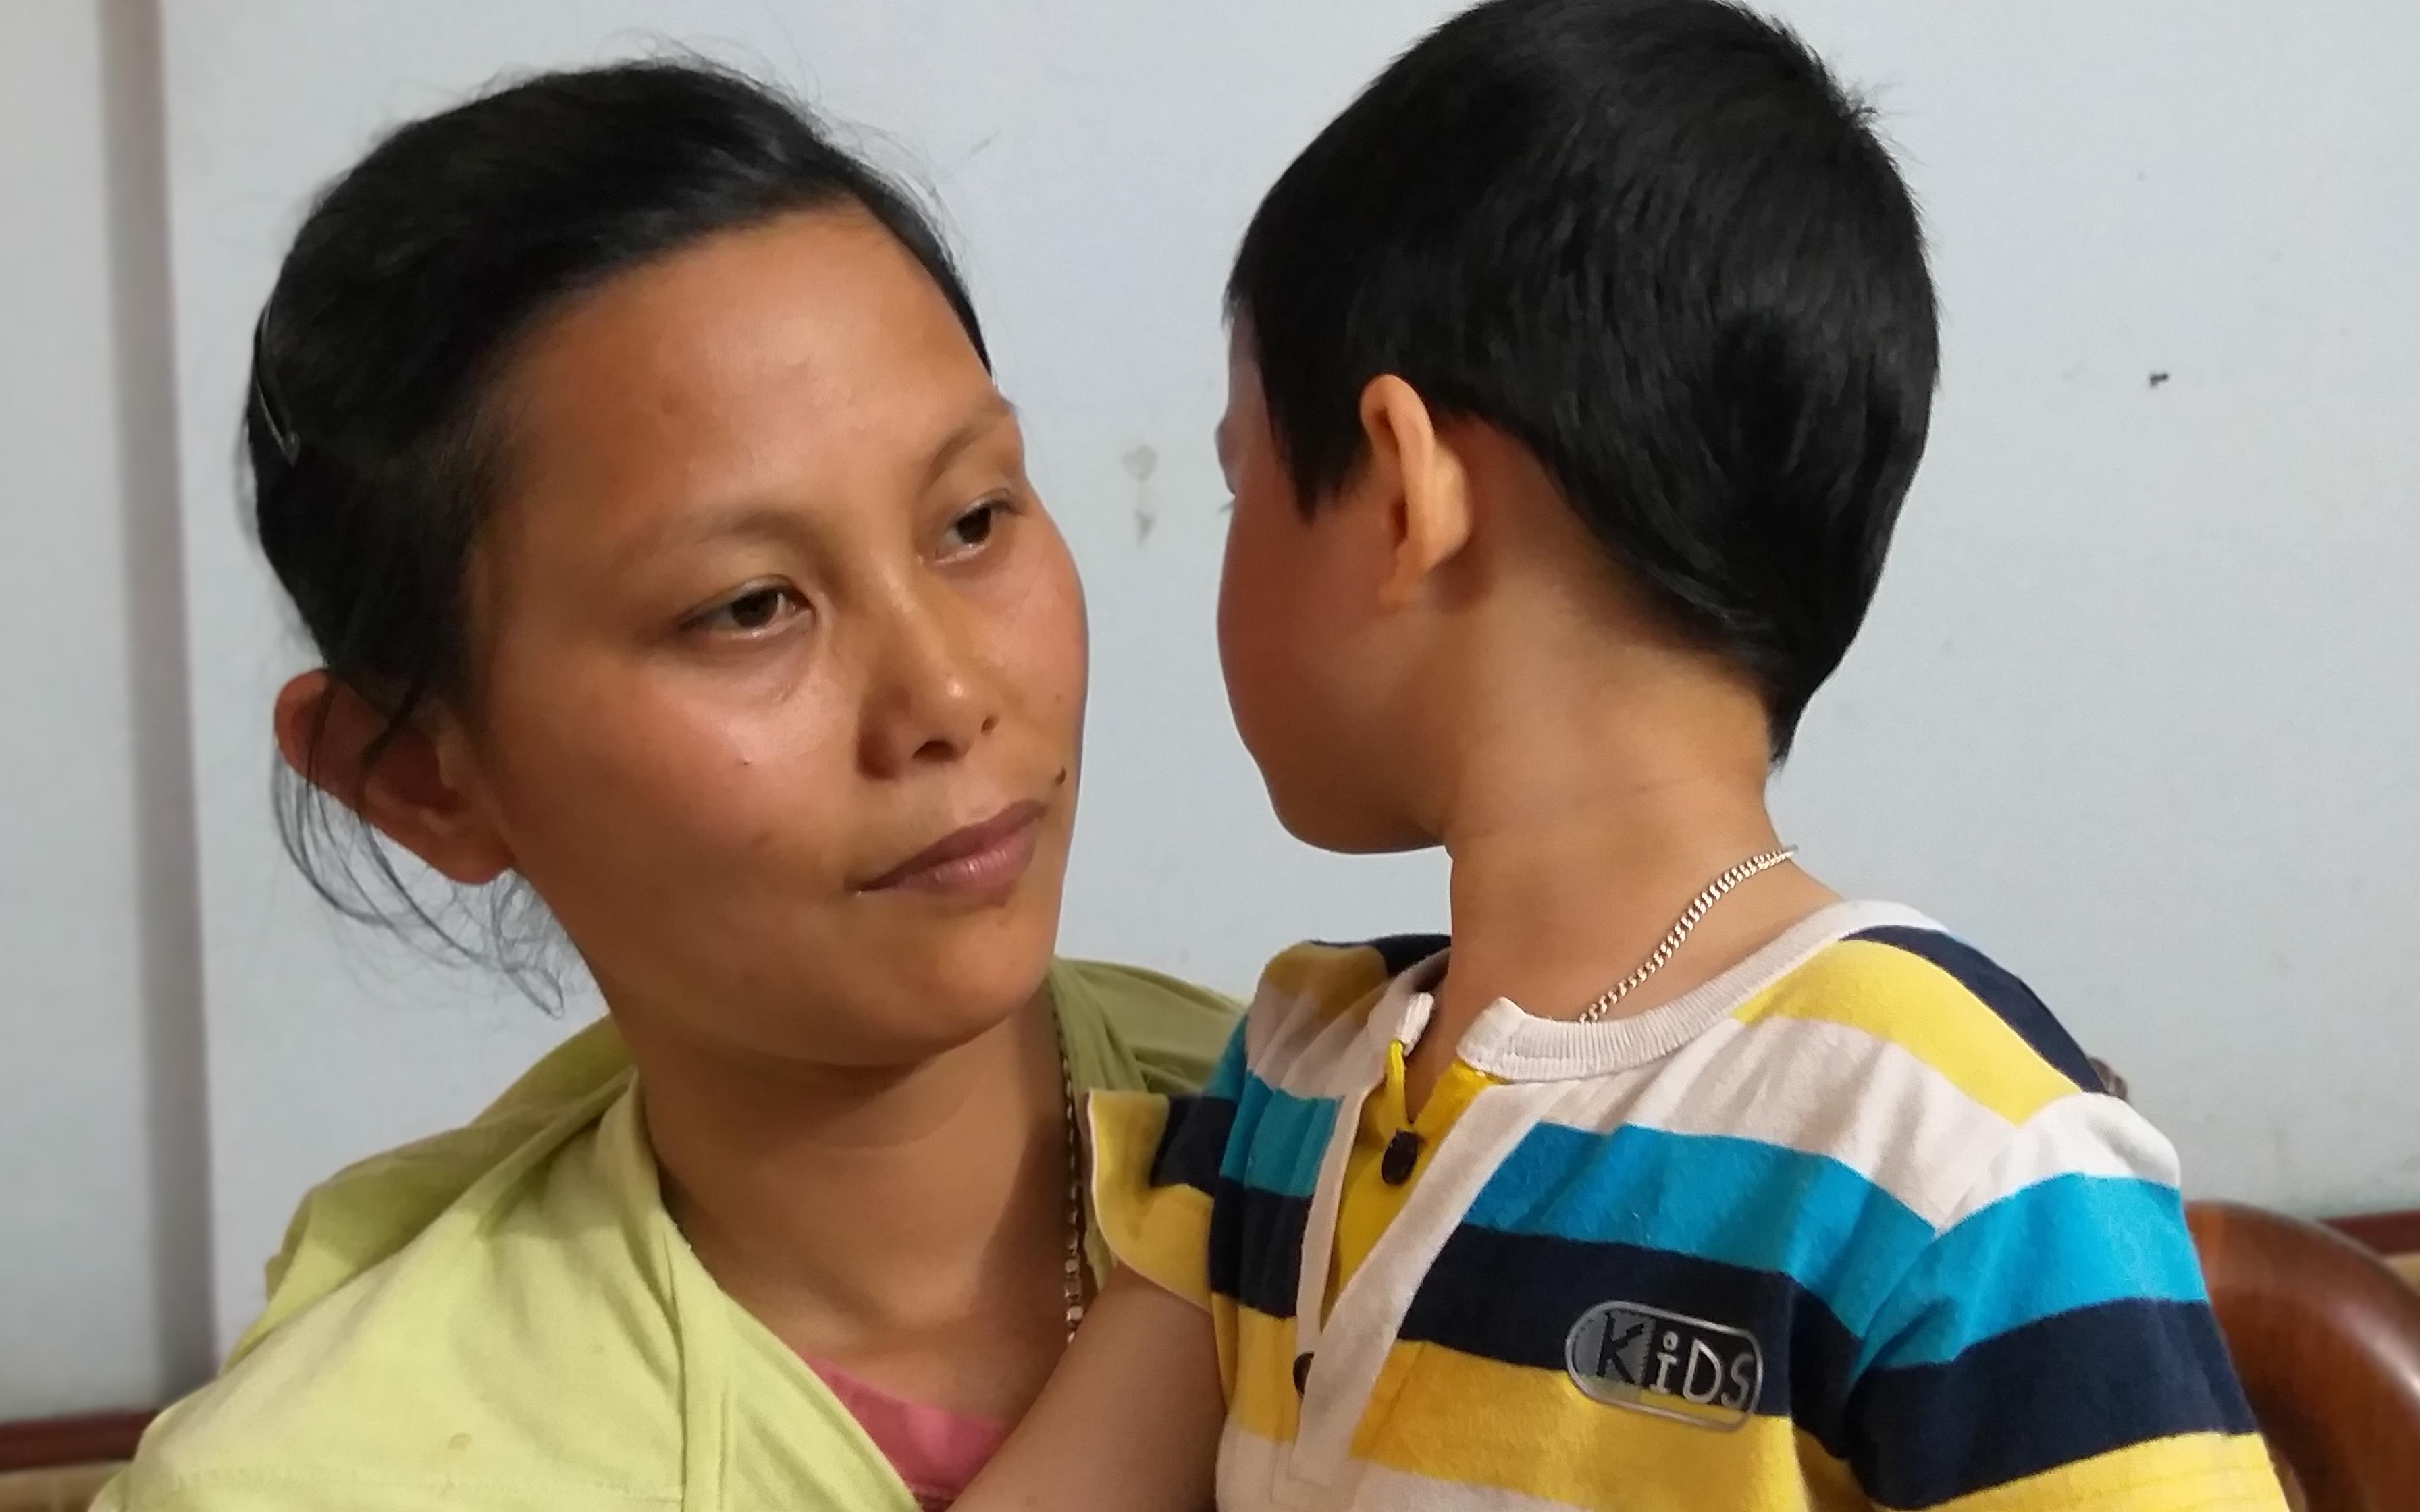 Vụ cháu bé bị bố bỏ rơi tại tòa án ở Bắc Giang: Bé đã được về với mẹ